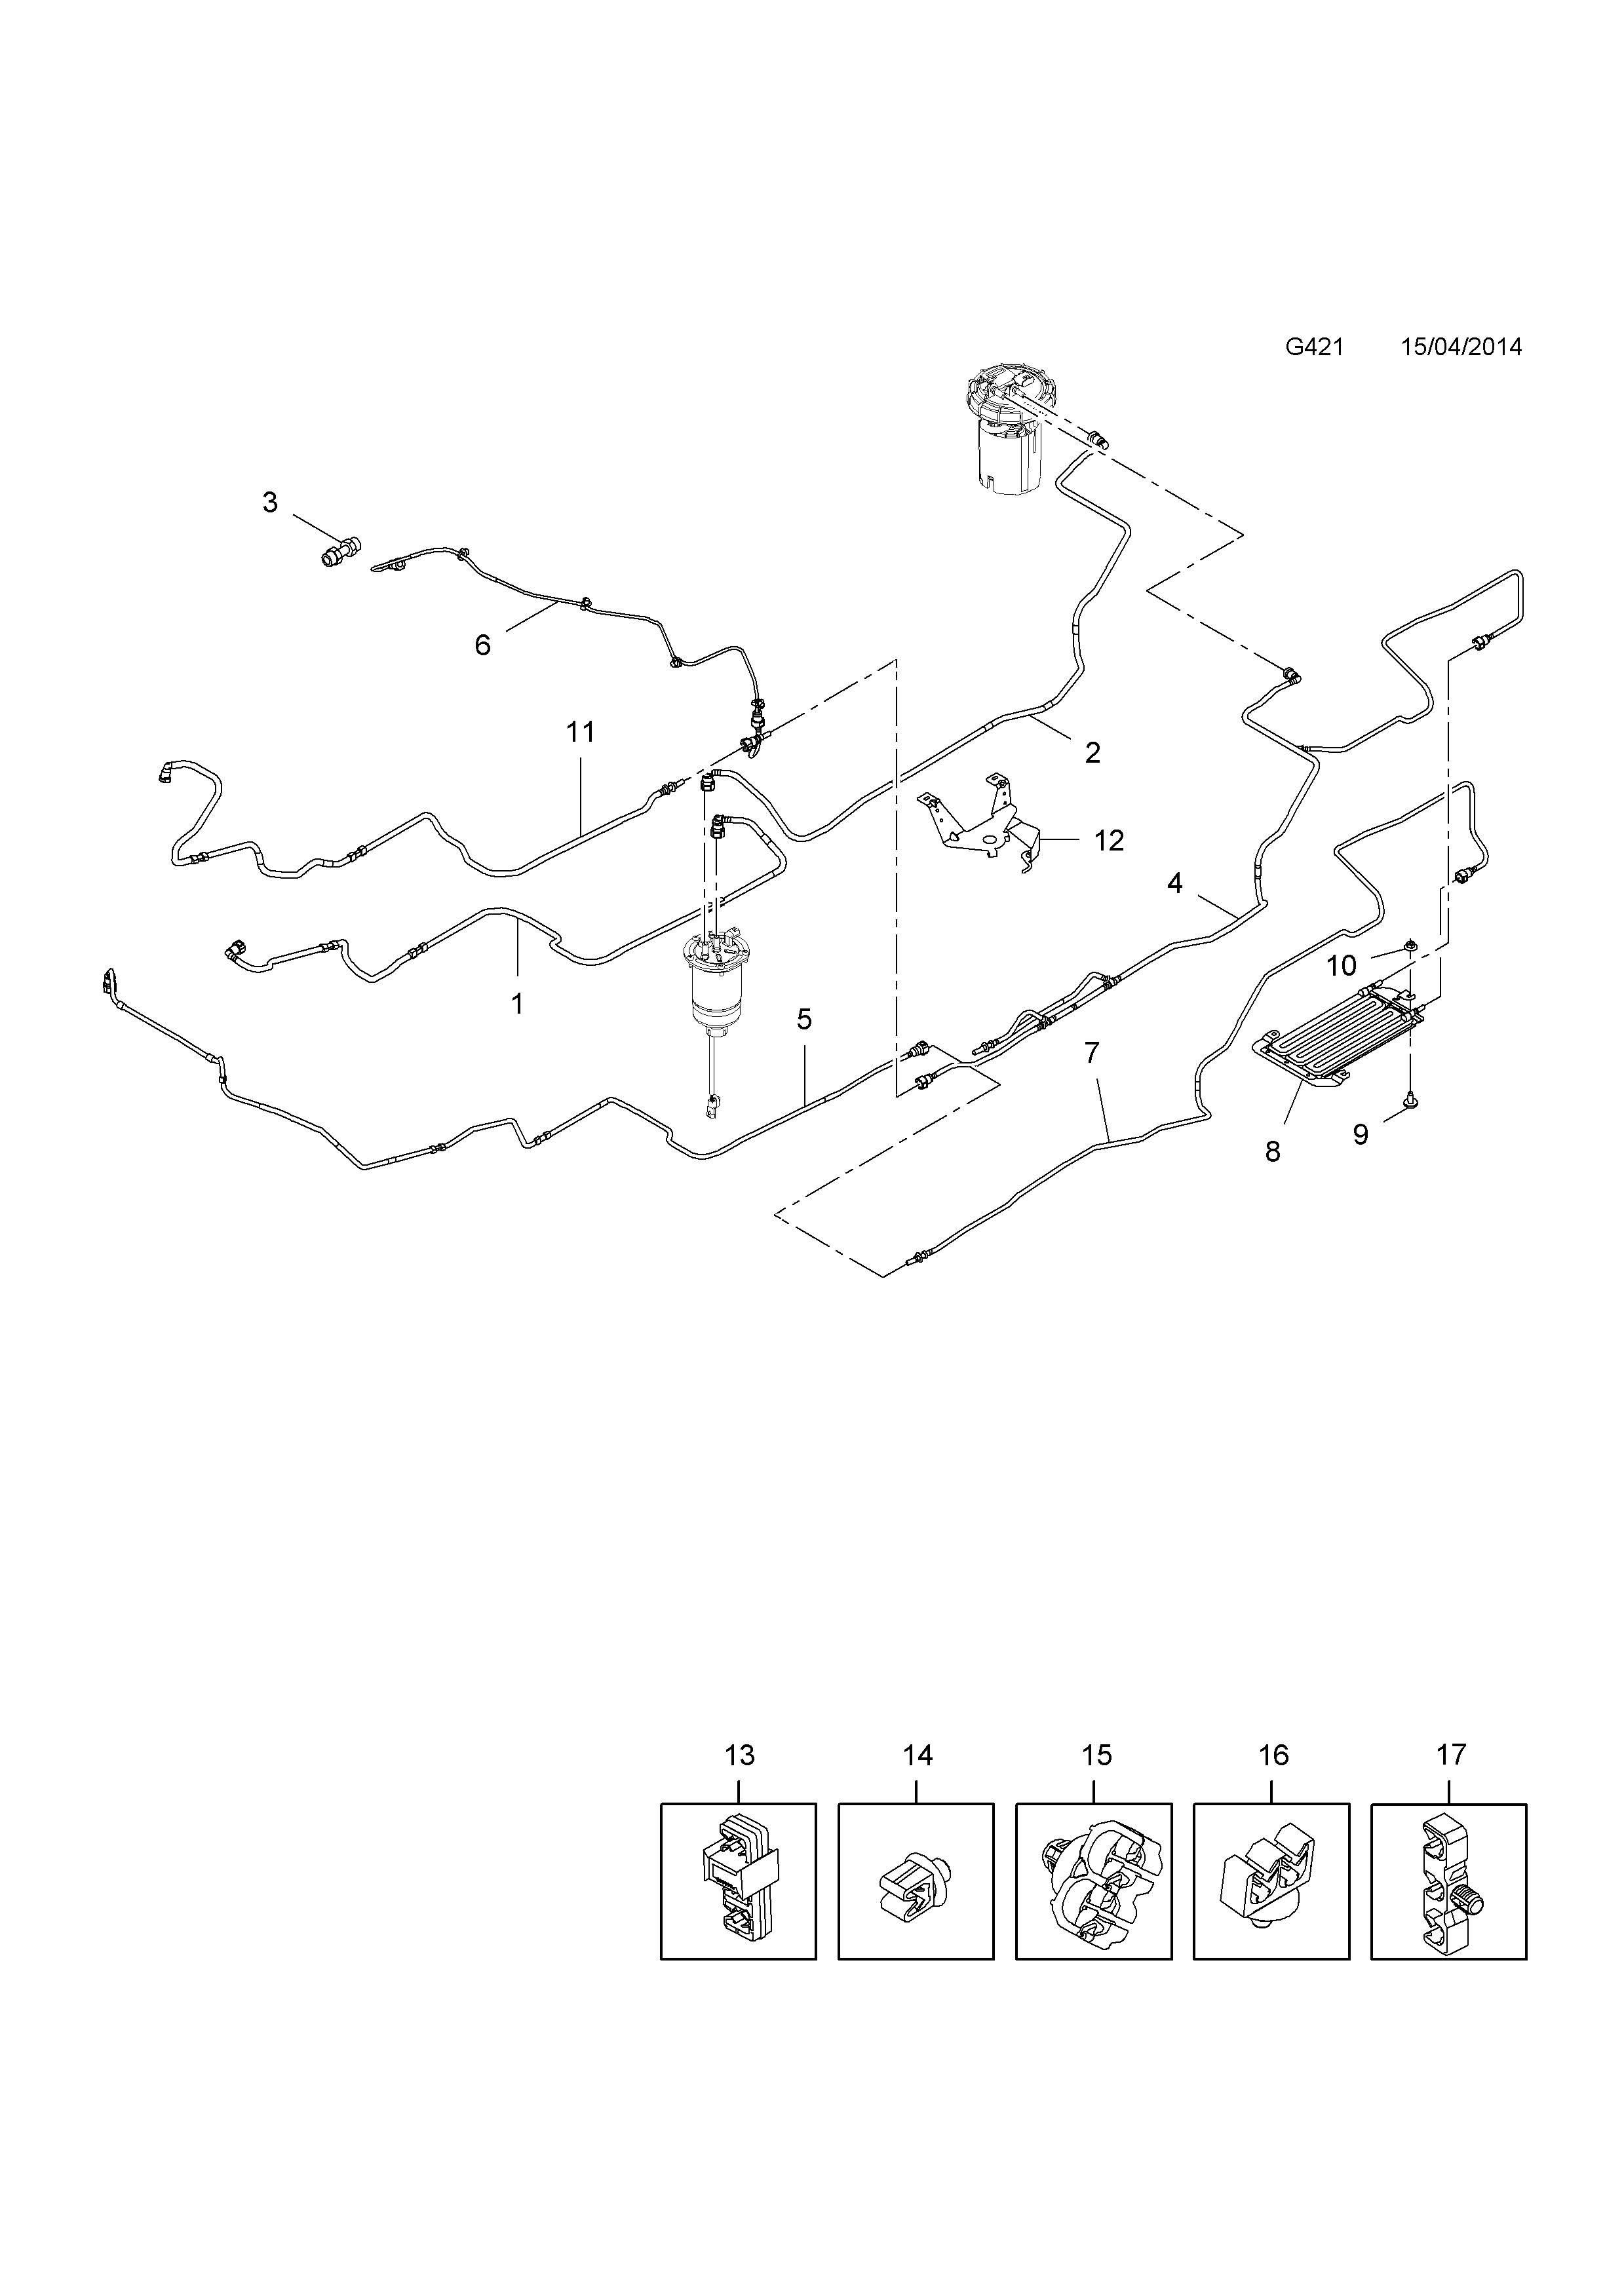 Opel Fuel Pump Diagram - Catalogue of Schemas Opel Fuel Pressure Diagram on